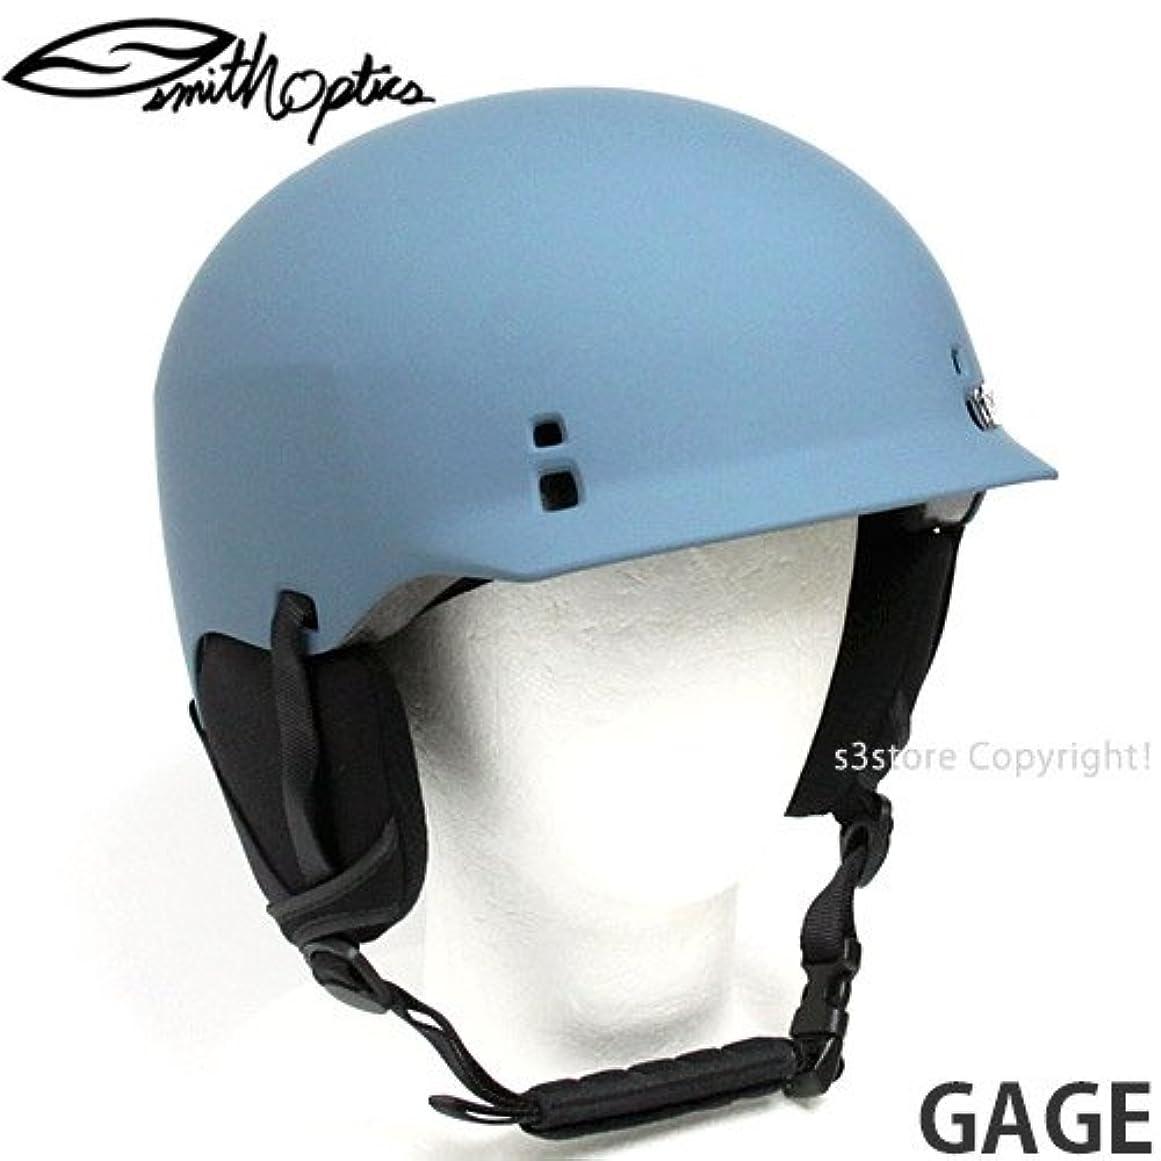 含意したがって談話SMITH(スミス) ヘルメット GAGE / スノーボード 自転車 プロテクター [並行輸入品]